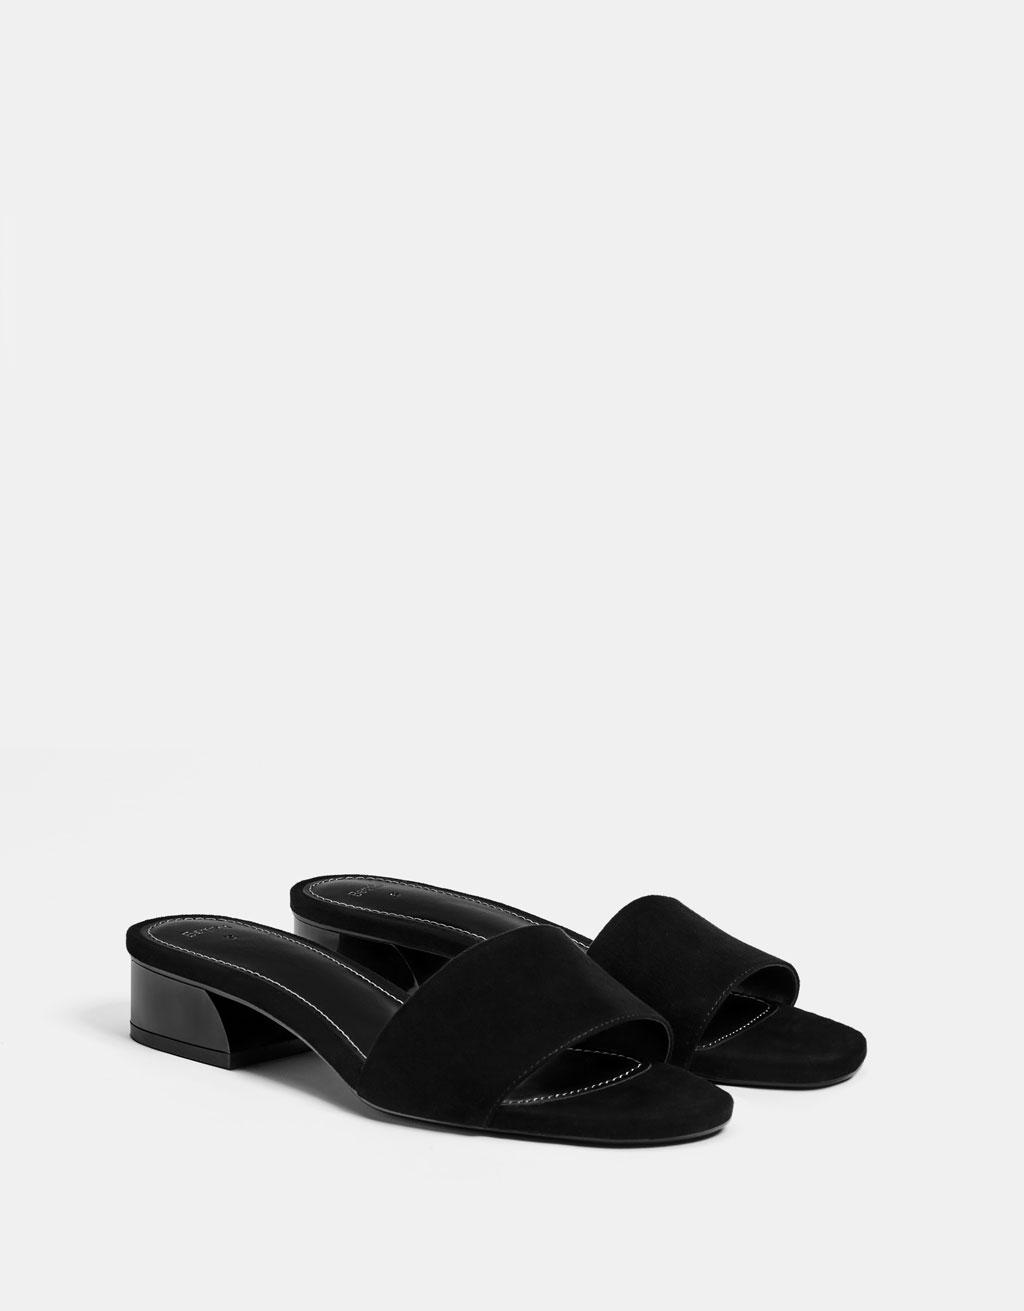 Poolkõrge kontsaga kingad